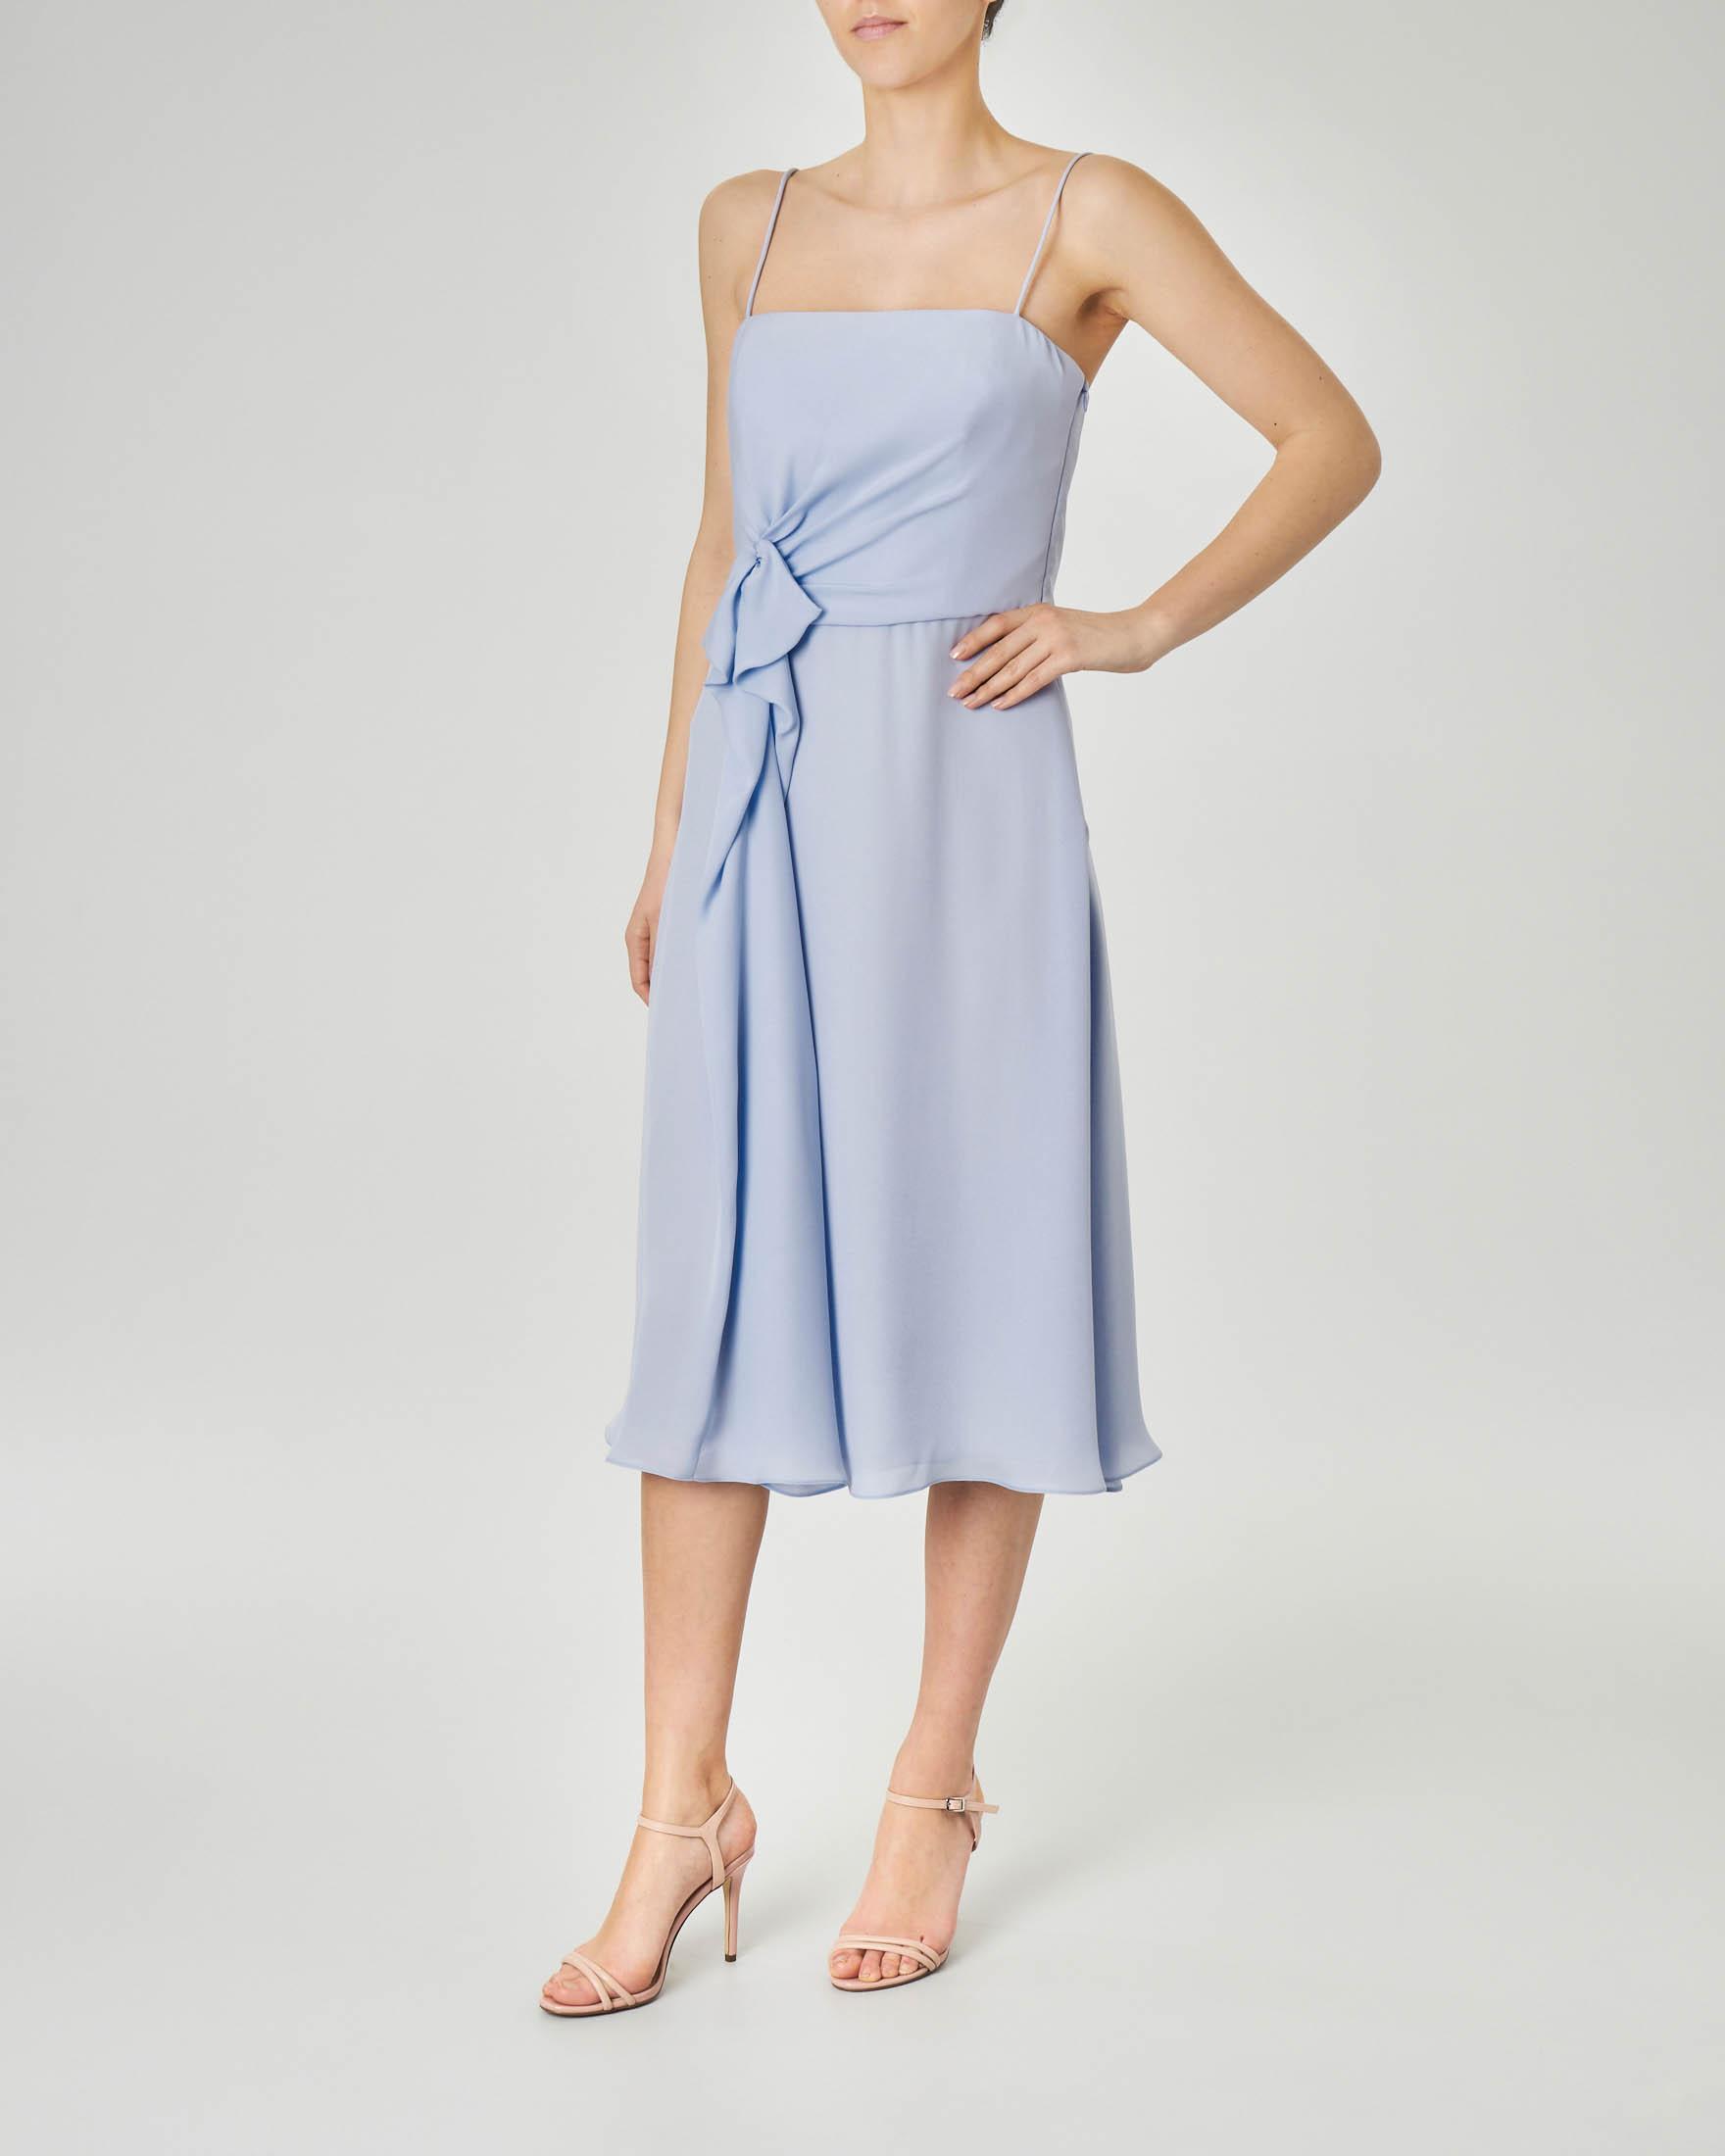 Abito azzurro in georgette di seta con spalline sottili e drappeggio sul fianco